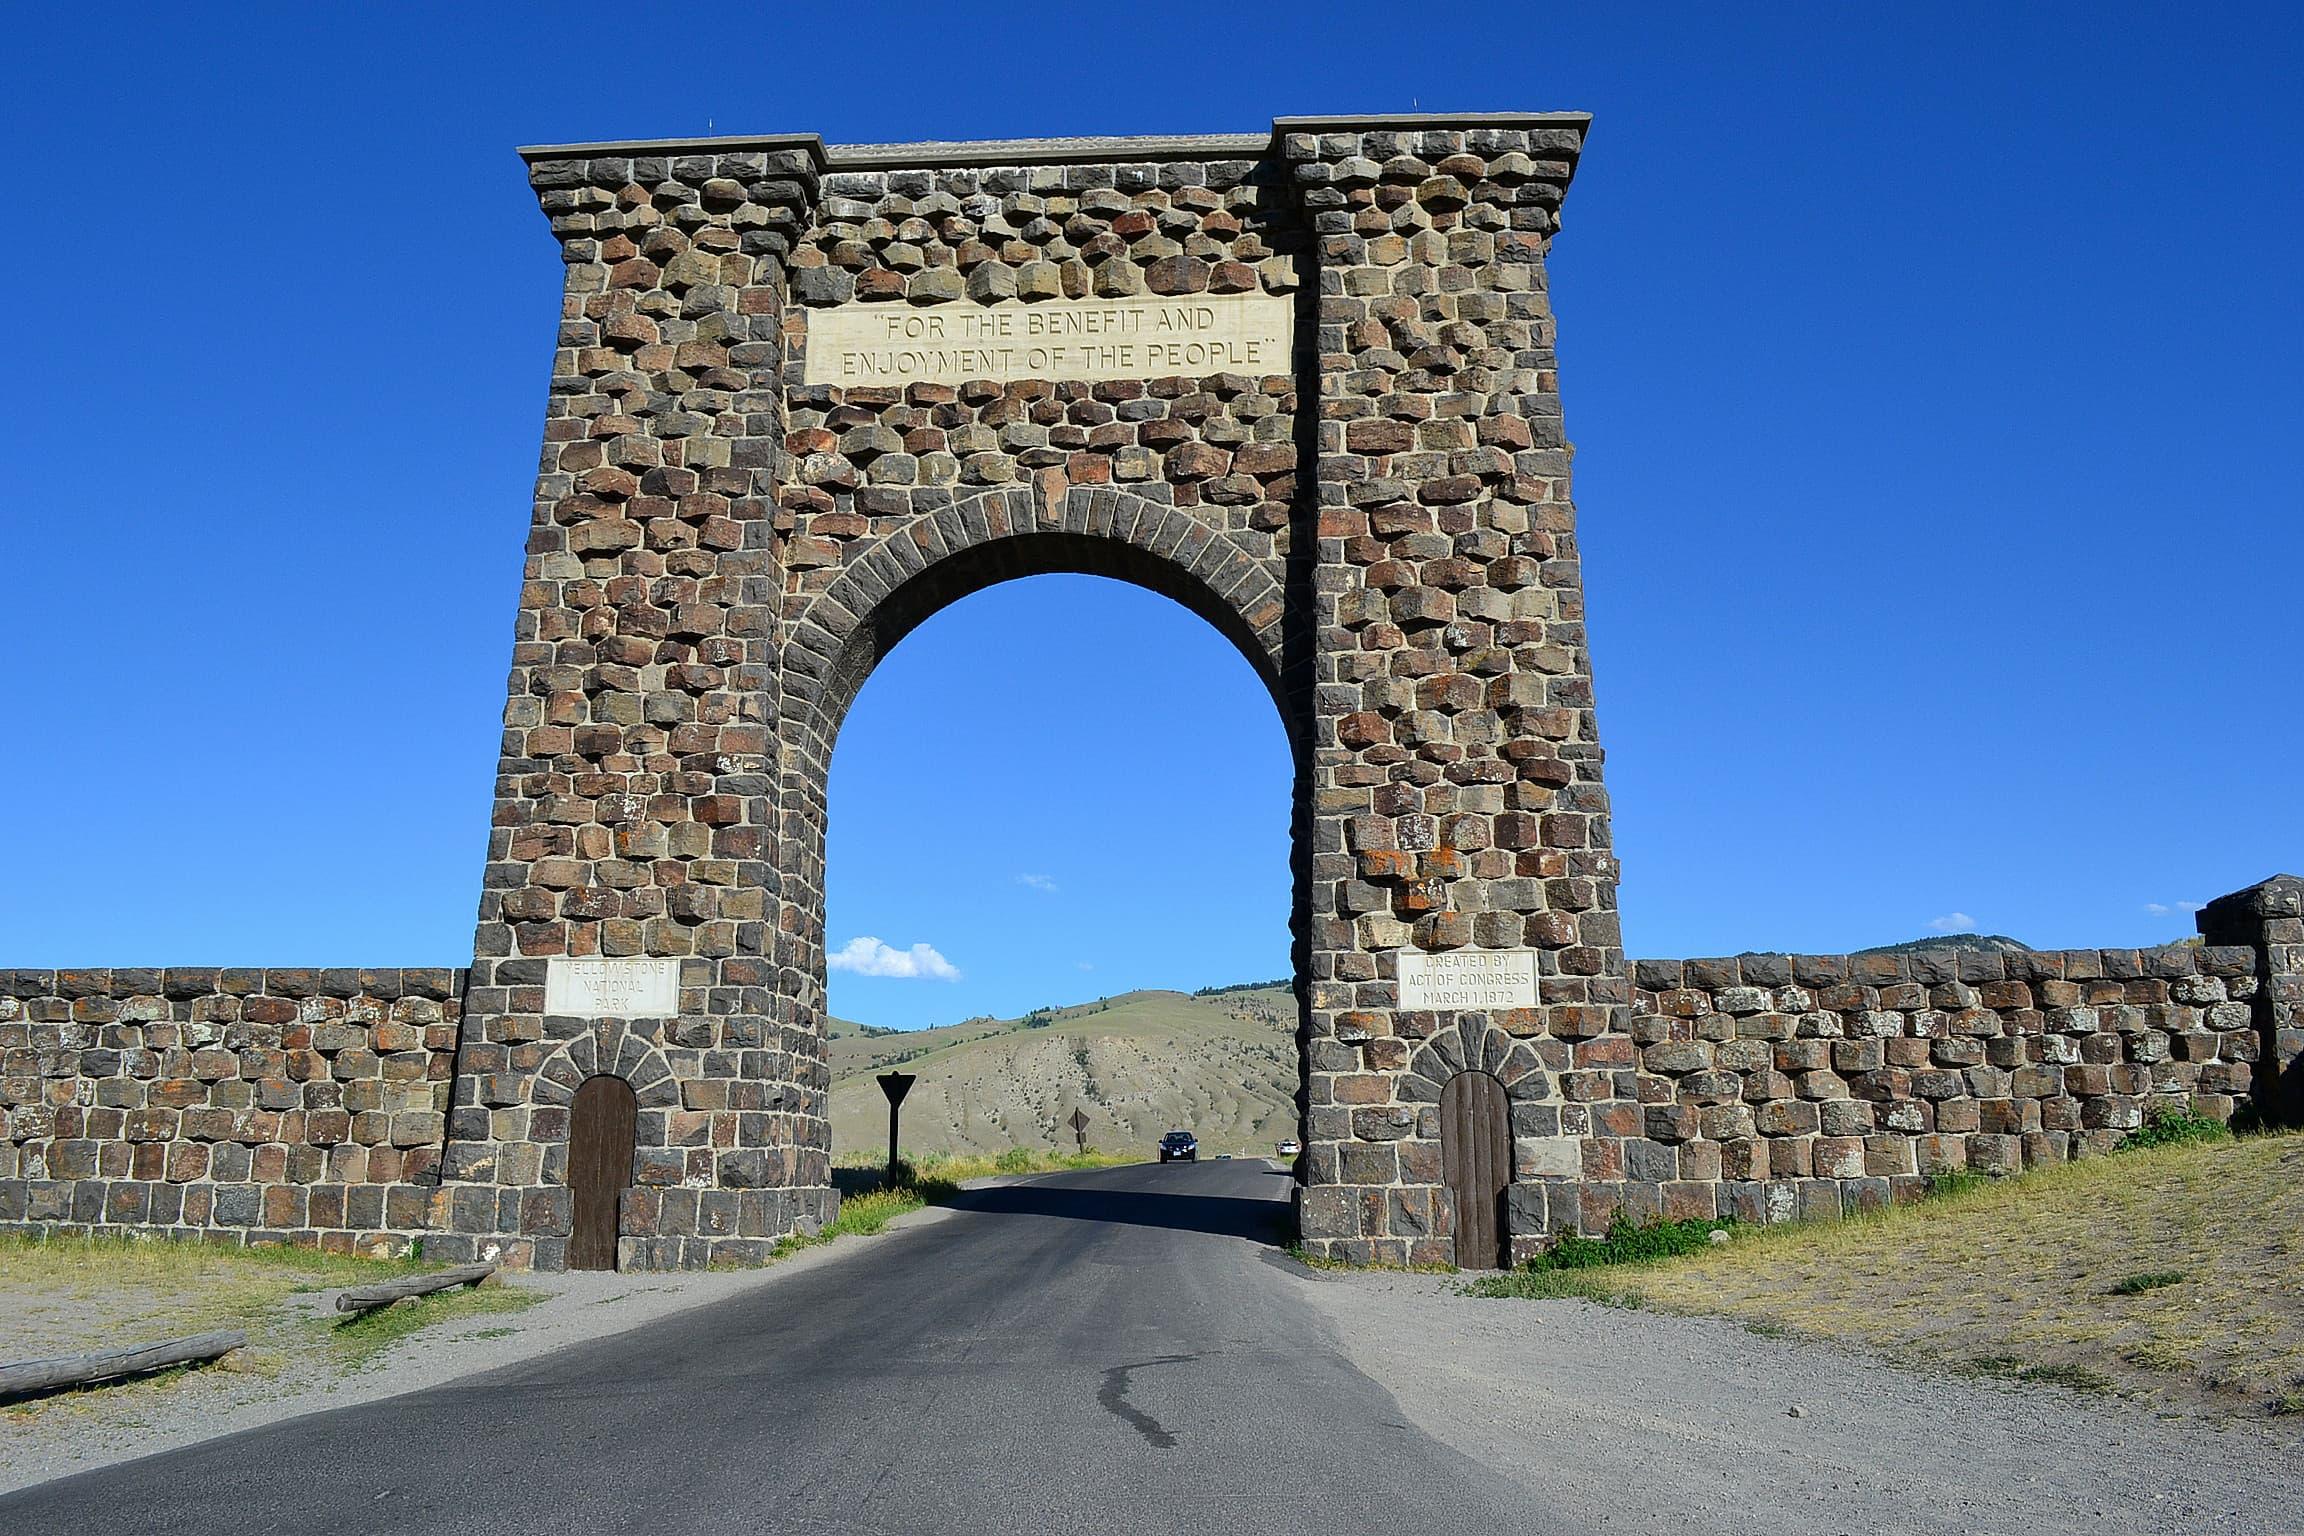 Roosevelt Arch National Park entrance.